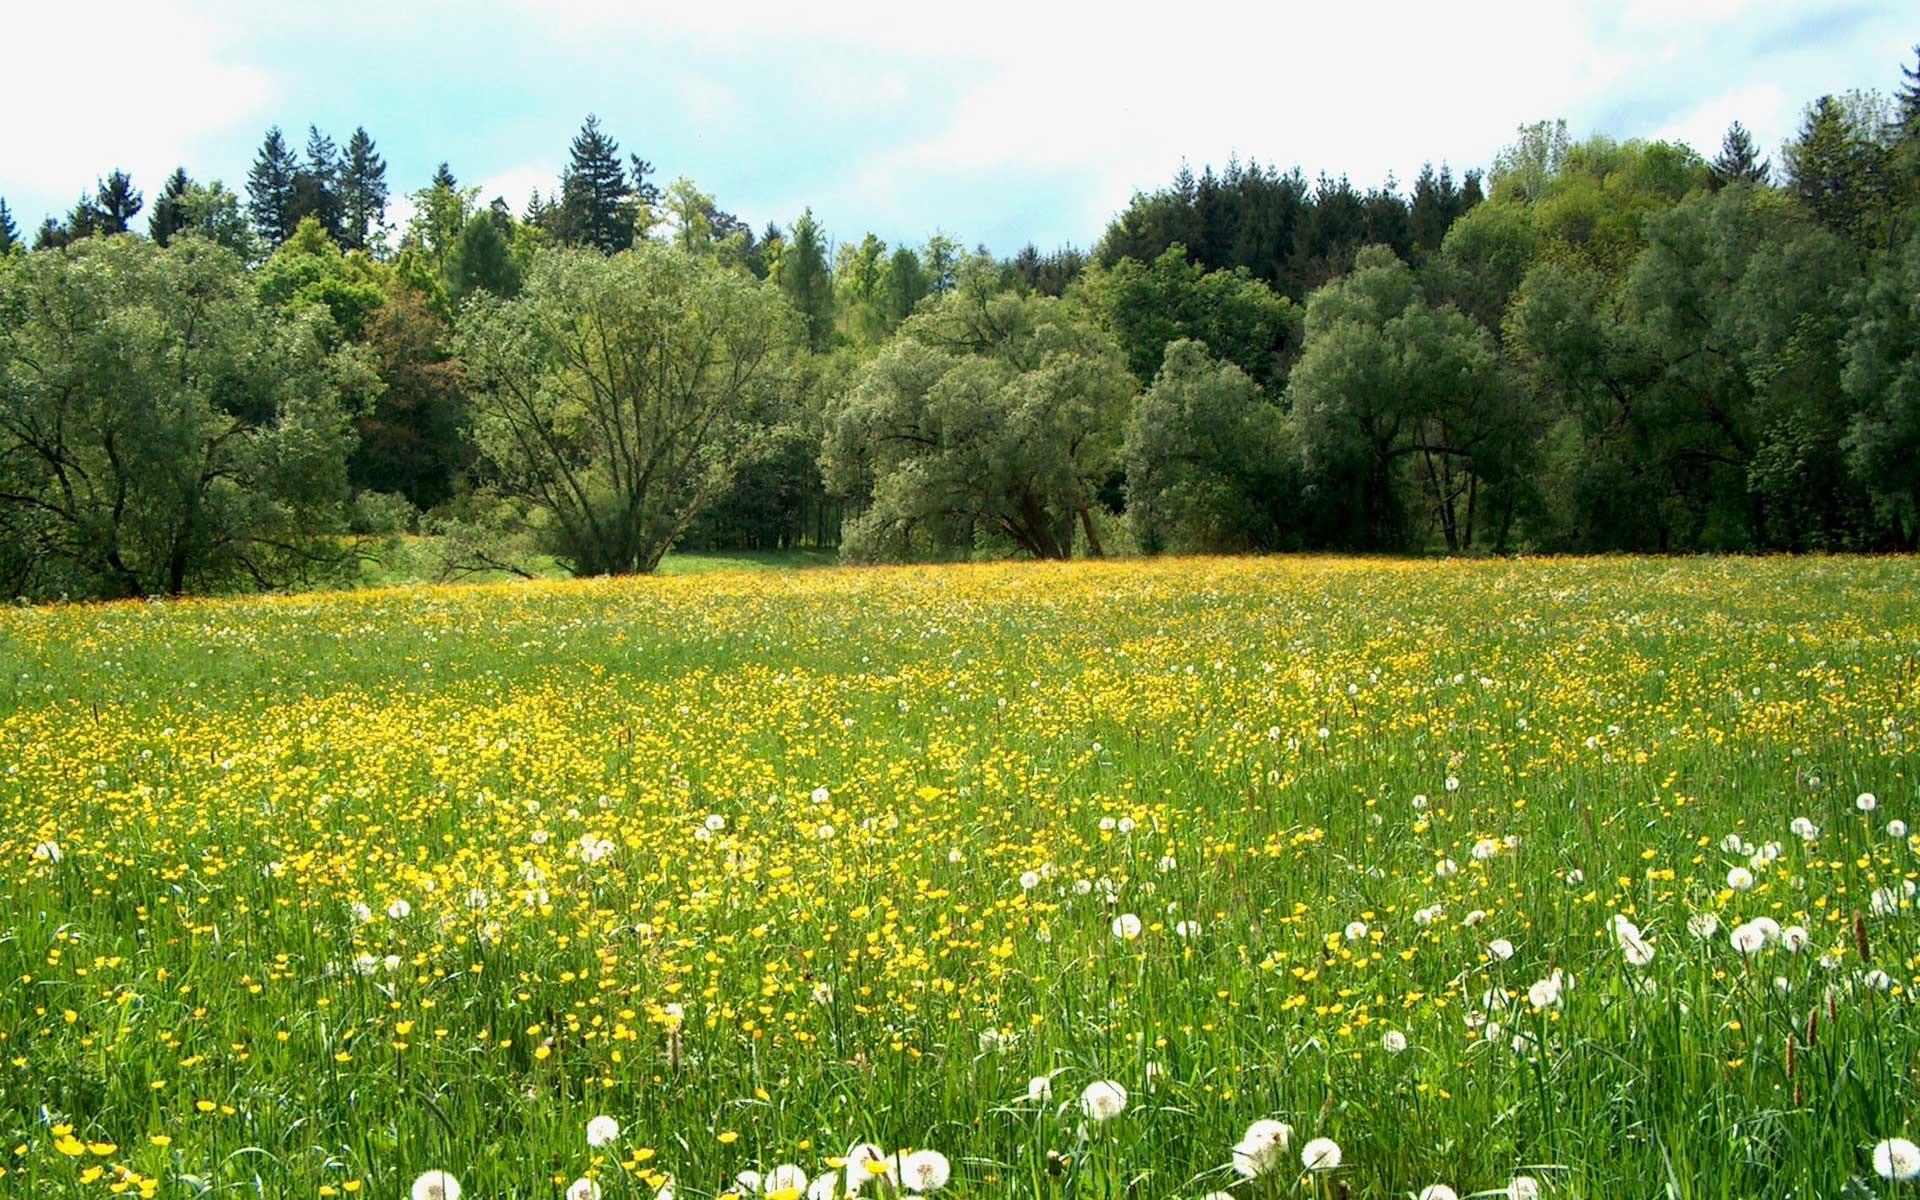 Pretty Meadow Wallpaper 13857